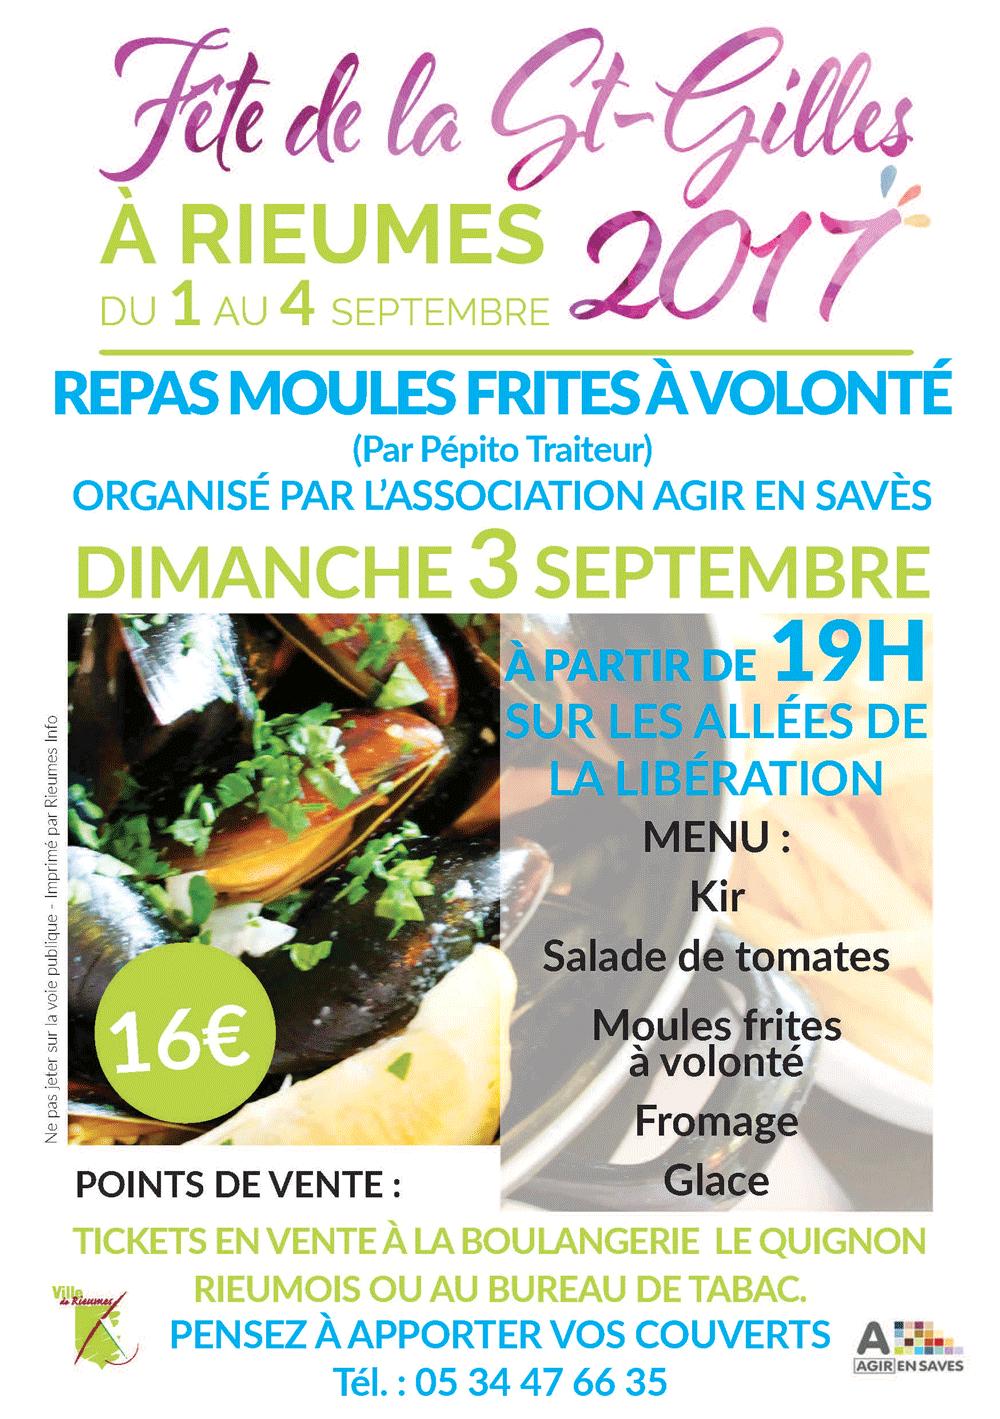 menu-moules-frites